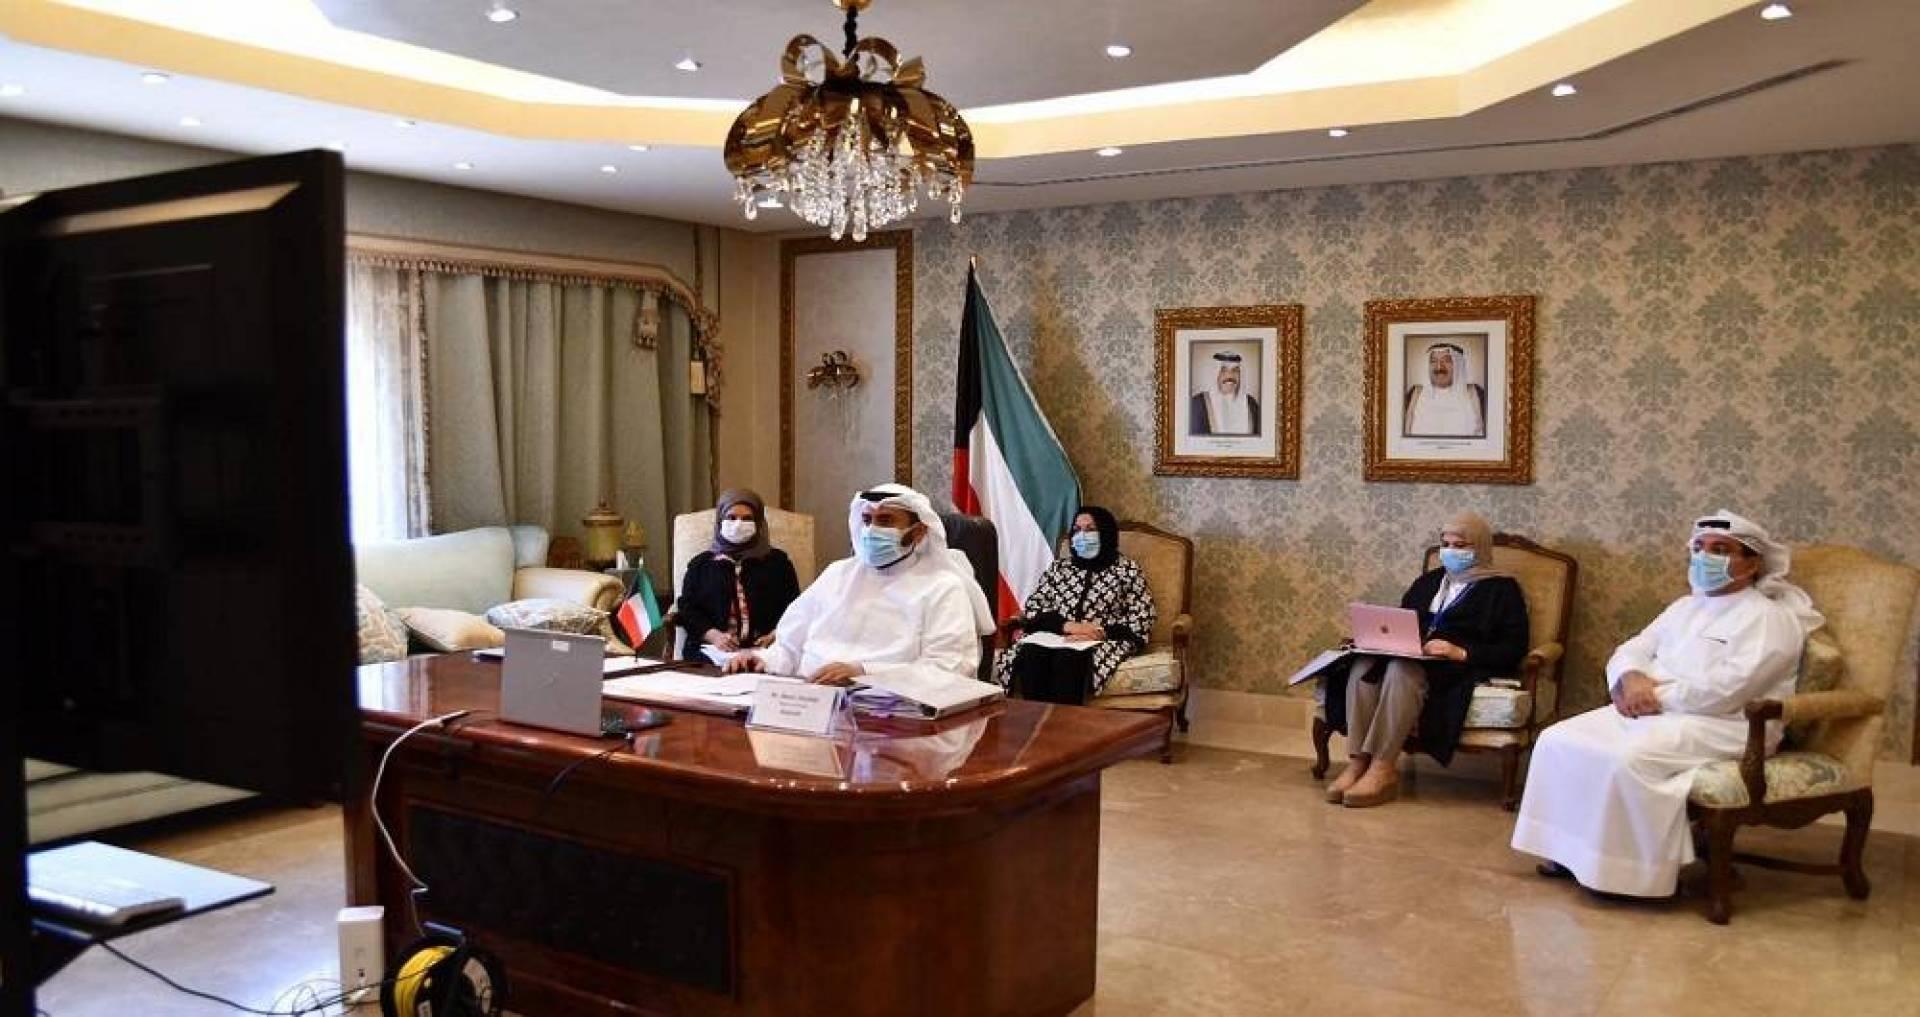 وزارة الصحة تشارك في اجتماعات الدورة 73 لجمعية الصحة العالمية عبر تقنية الاتصال المرئي